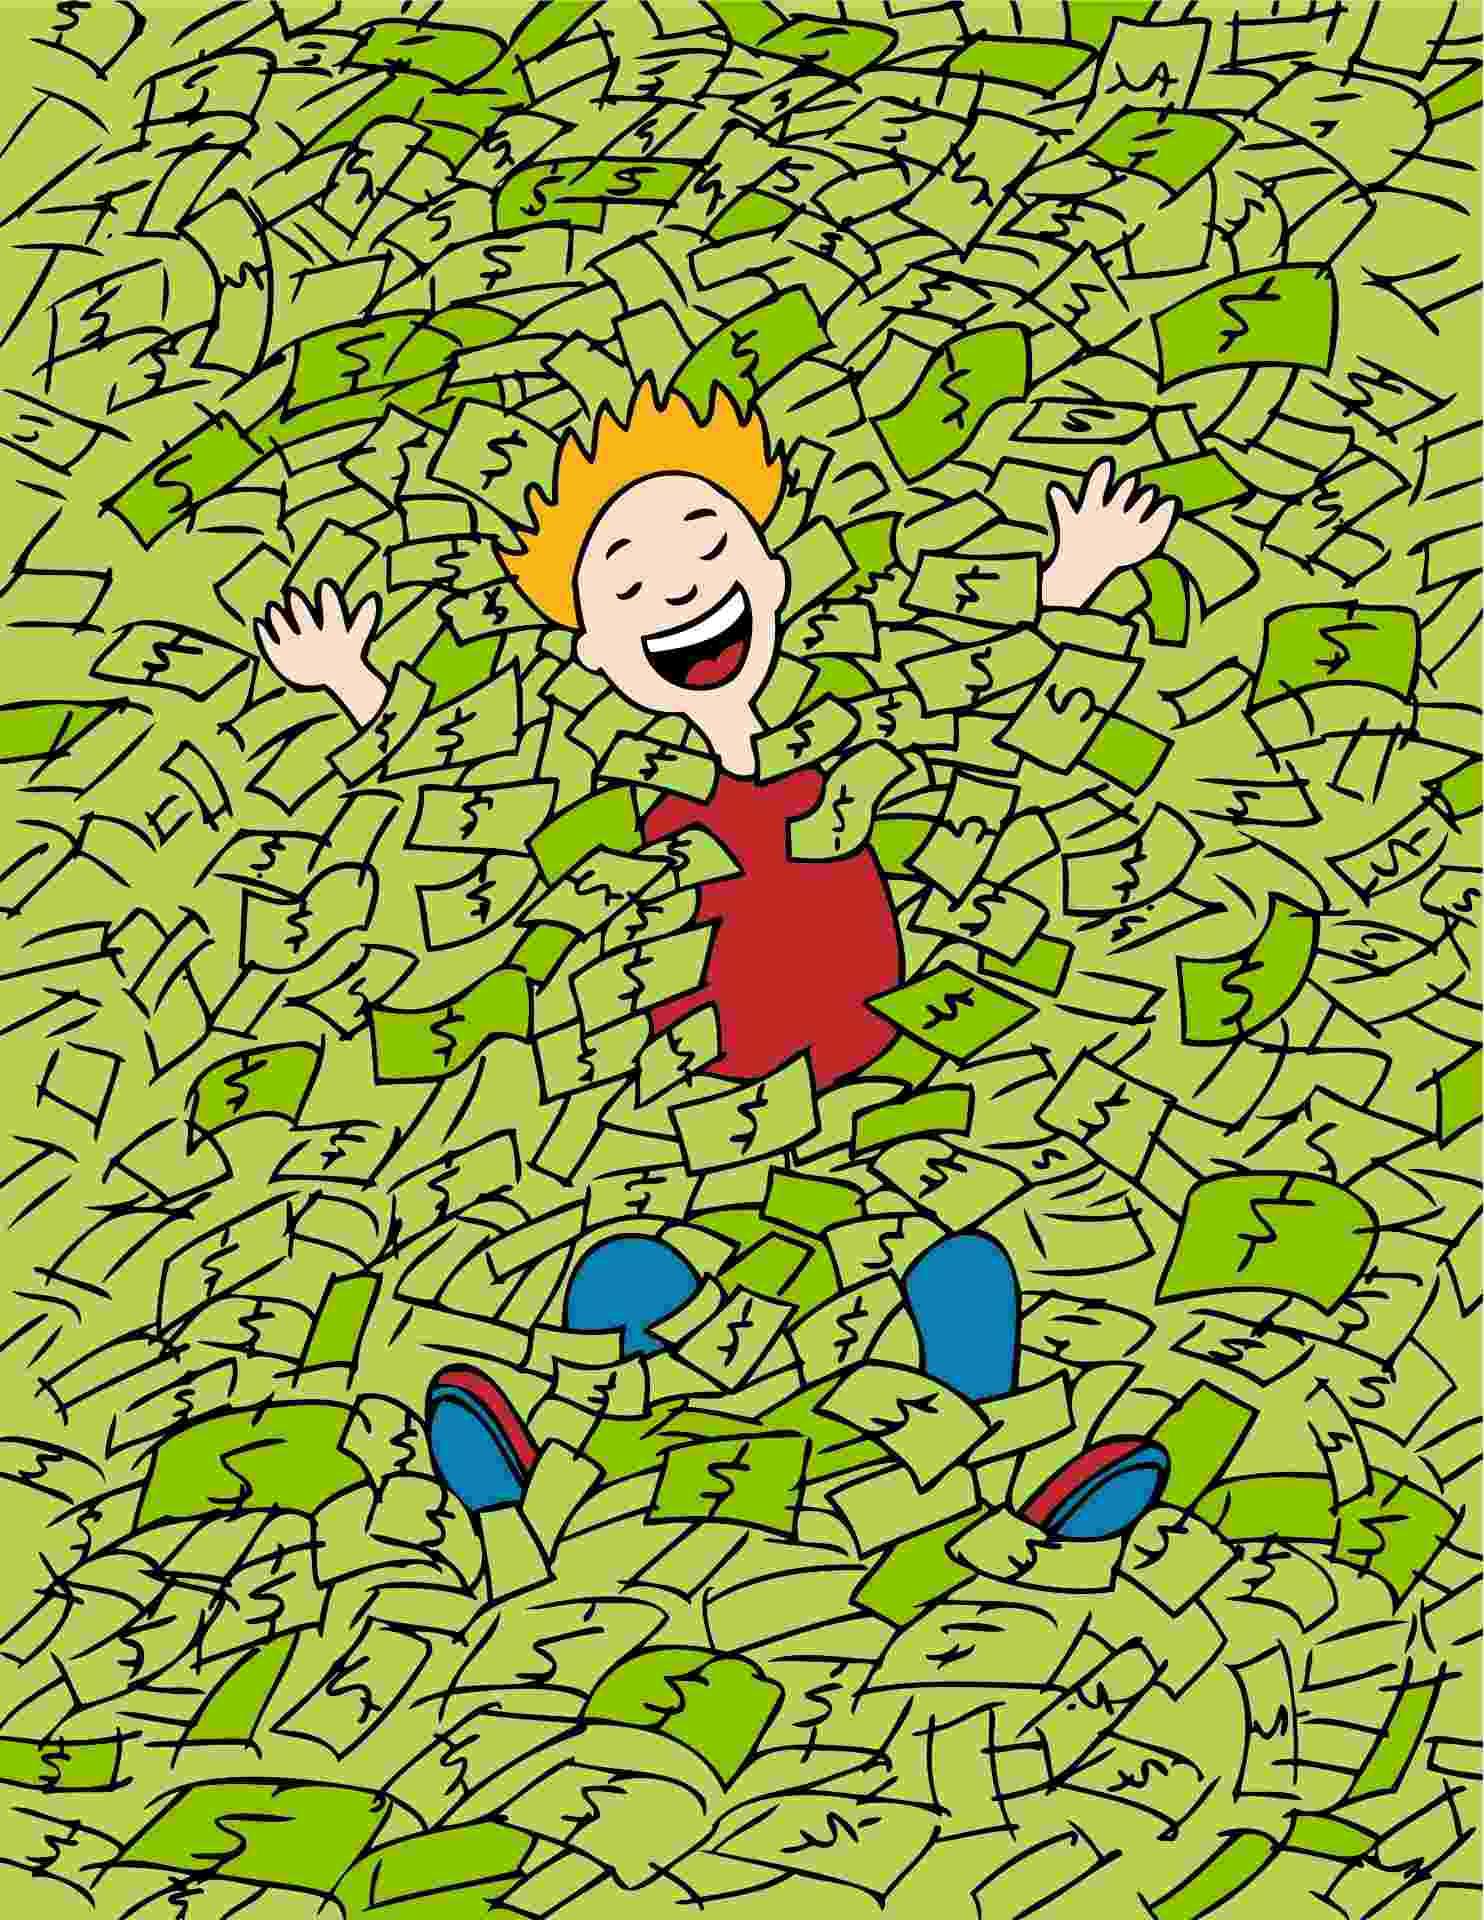 dinheiro; felicidade; riqueza - Thinkstock